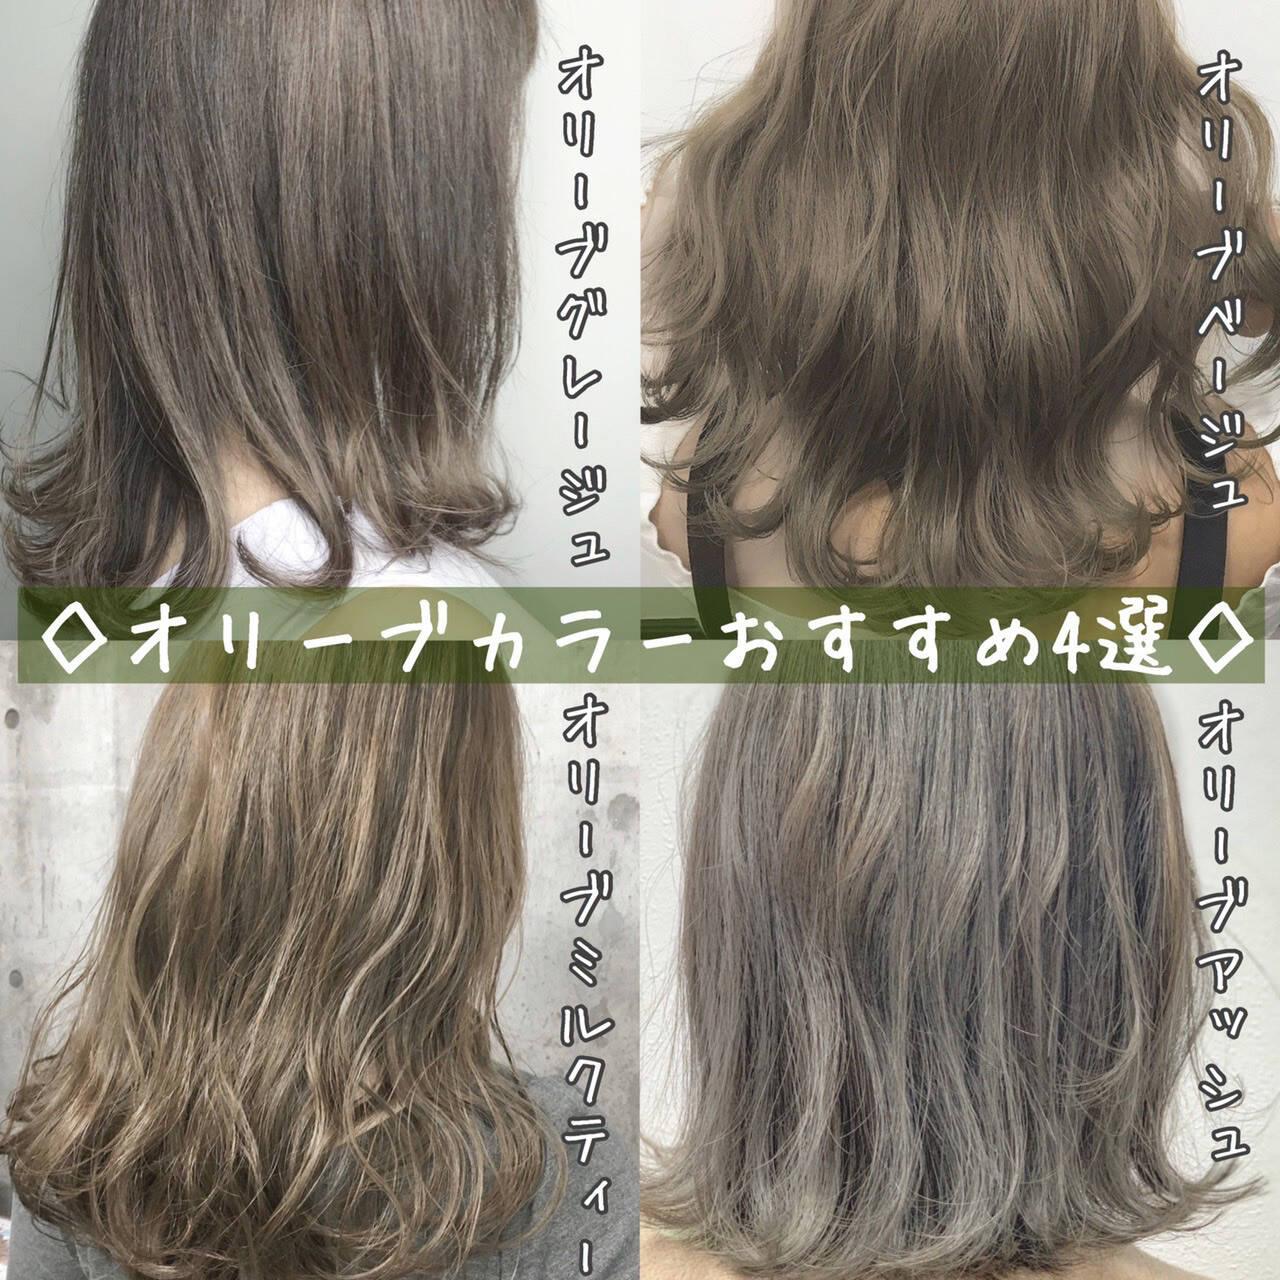 オリーブアッシュ ベージュ ミディアム オリーブグレージュヘアスタイルや髪型の写真・画像